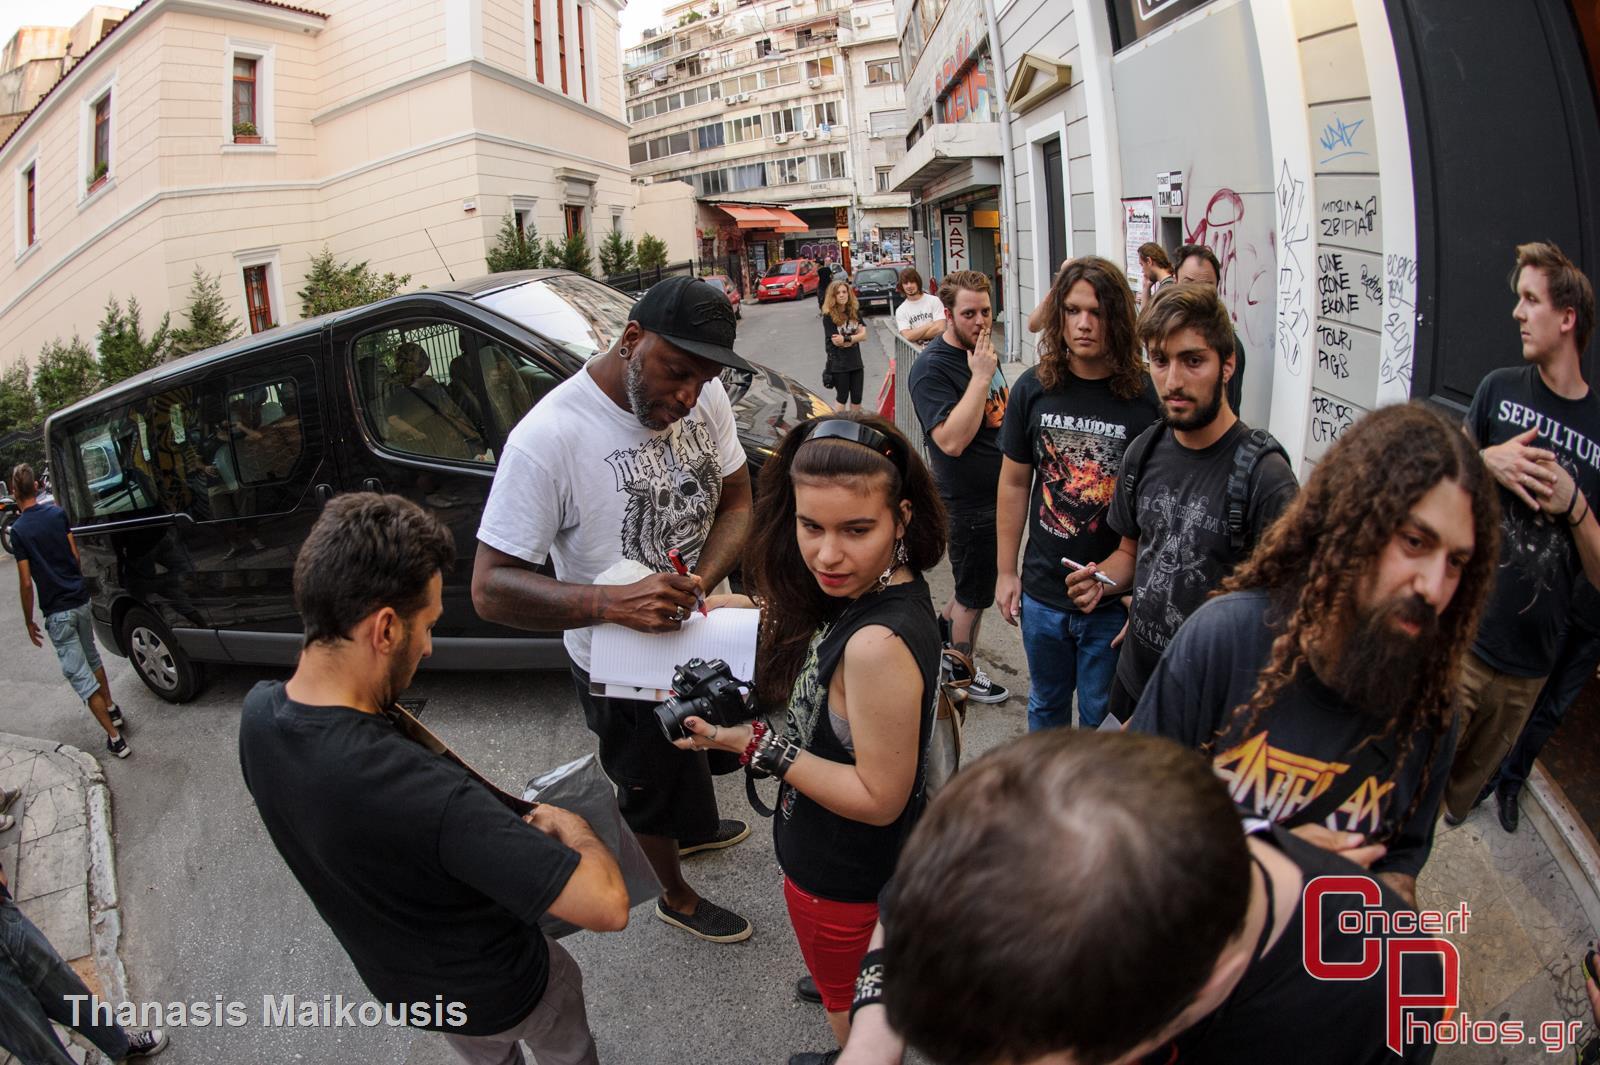 Sepultura-Sepultira photographer: Thanasis Maikousis - concertphotos_20140703_20_32_12